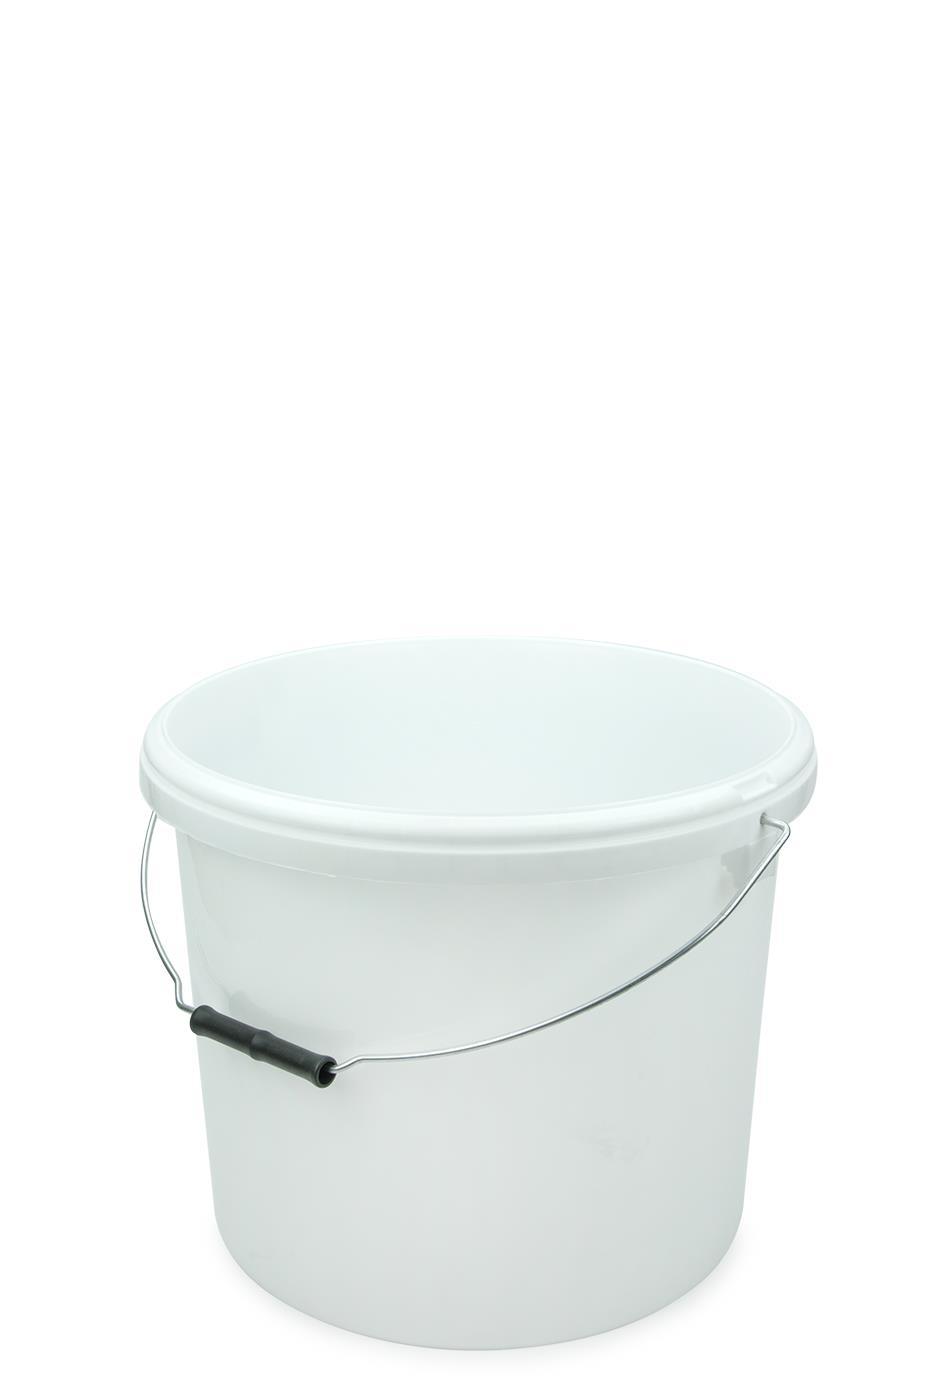 Bevorzugt Verpackungseimer | Packari.com UZ85